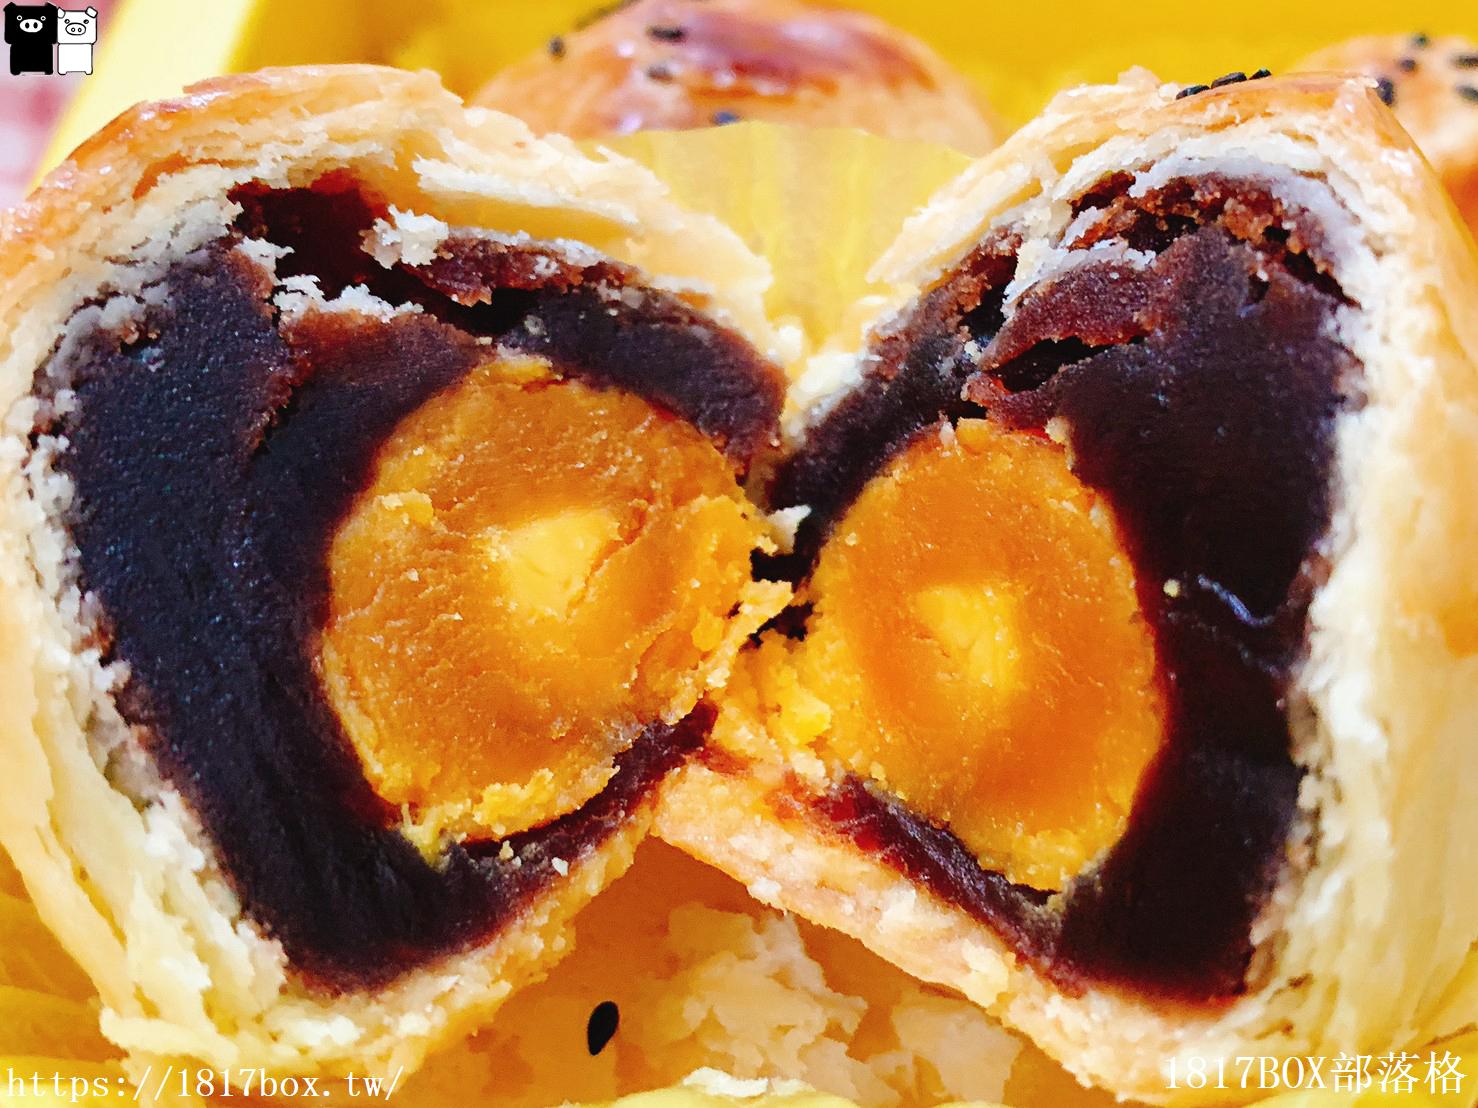 【彰化市】林記糕餅舖。屁股會酥酥的蛋黃酥哥。隱藏在彰化大埔市場裡的美味 @1817BOX部落格